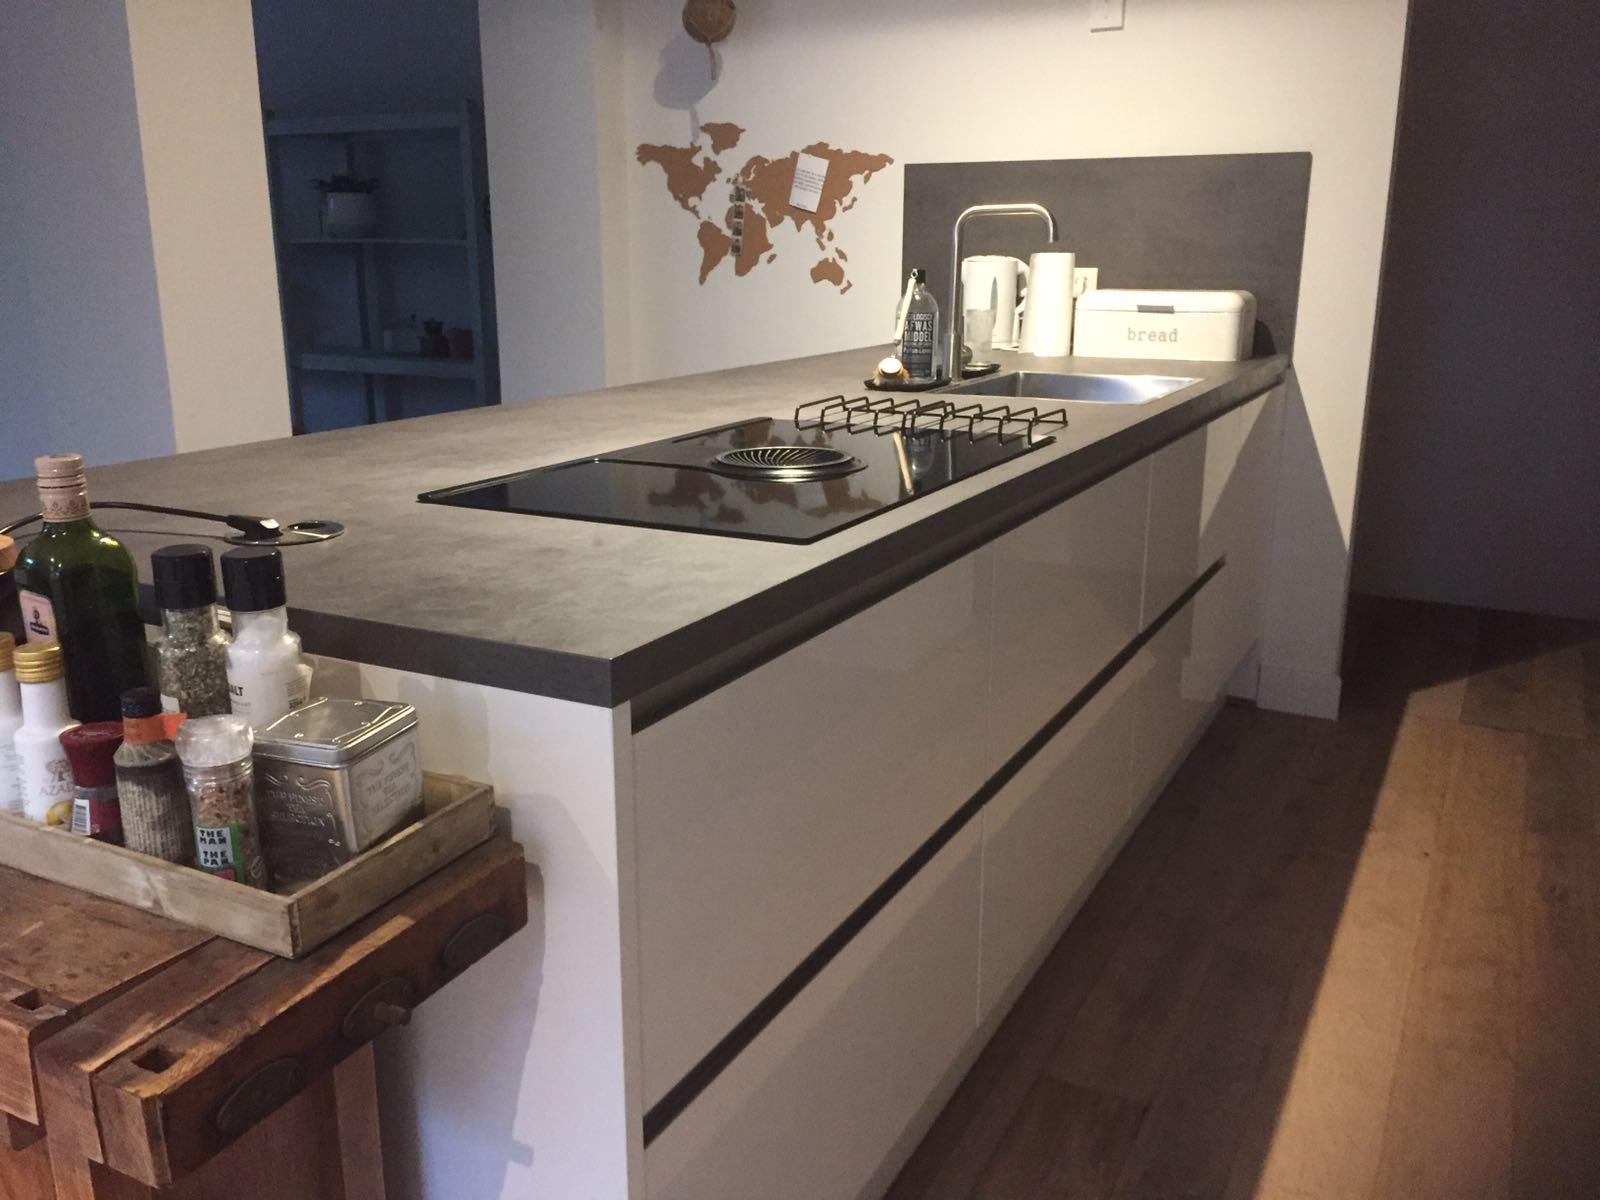 keukeneiland wit koken